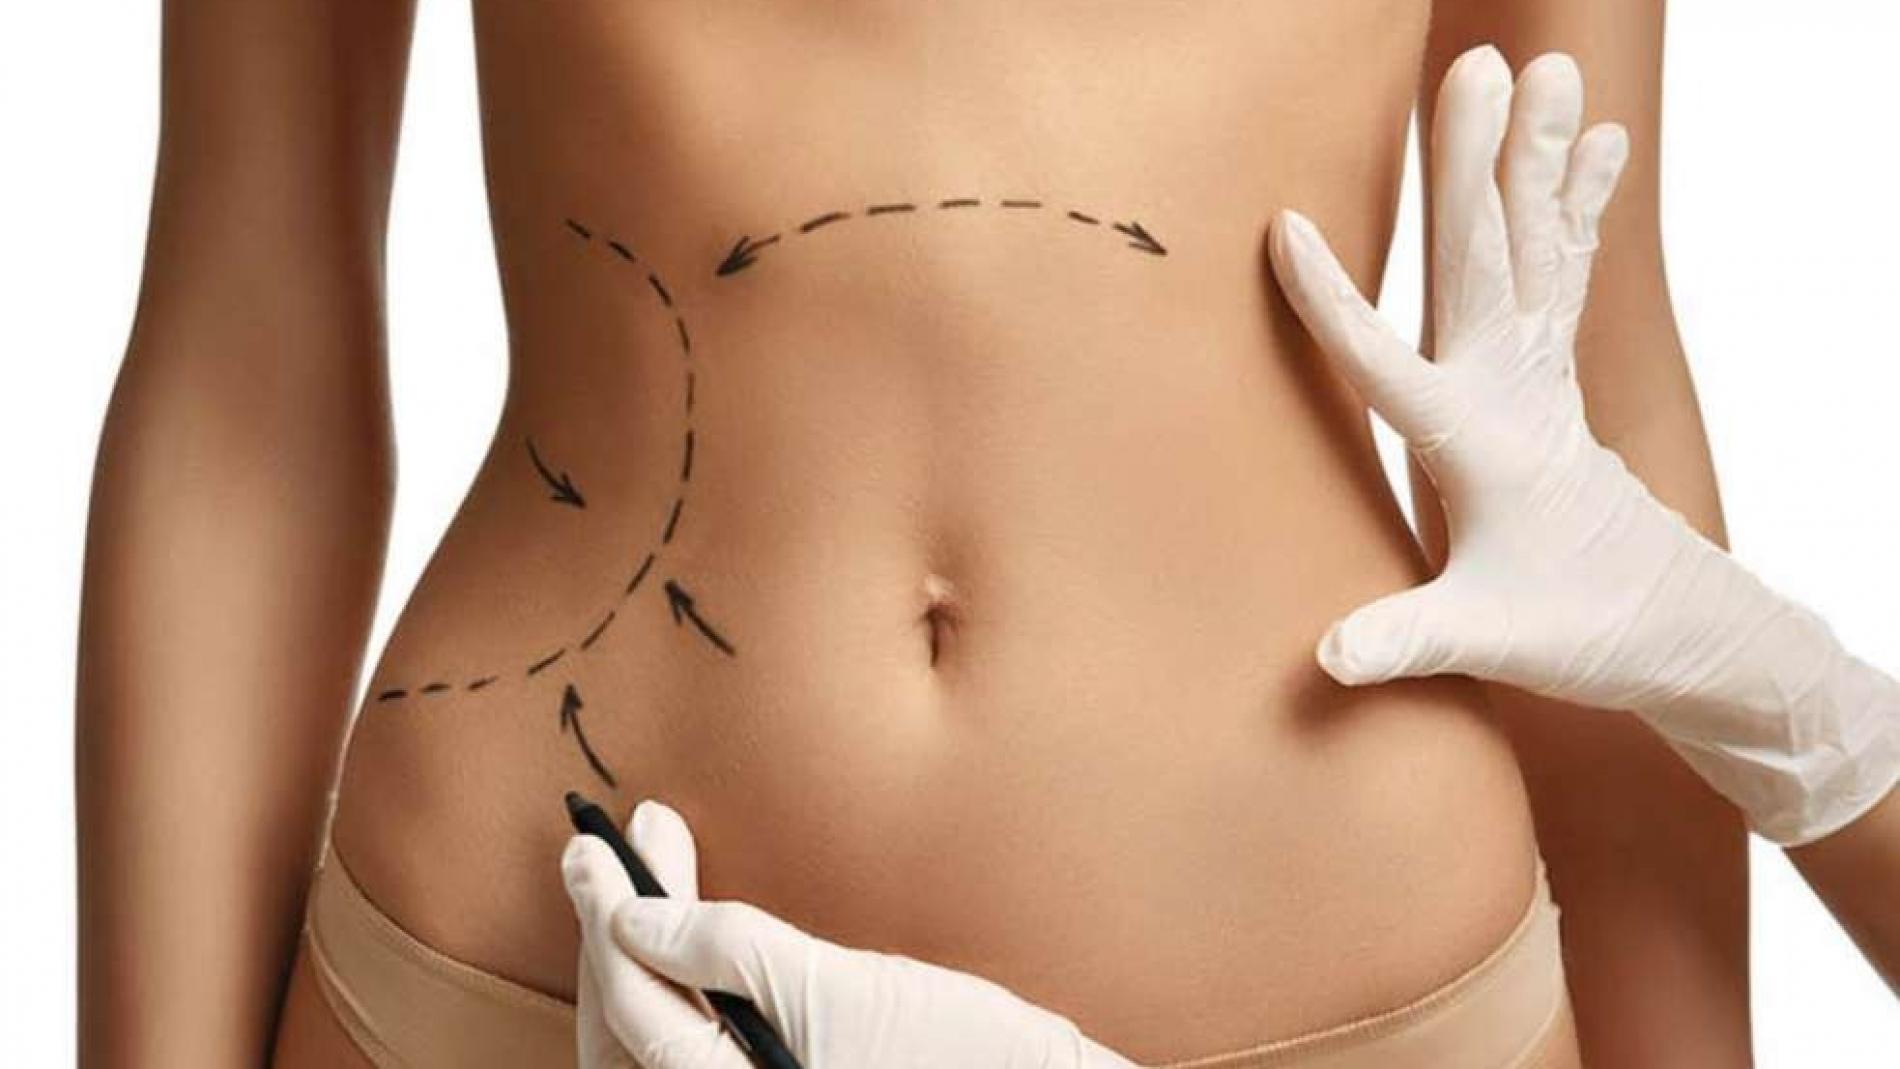 clinica de cirurgia plastica em santos dra ana lucia lemos pre operatorio